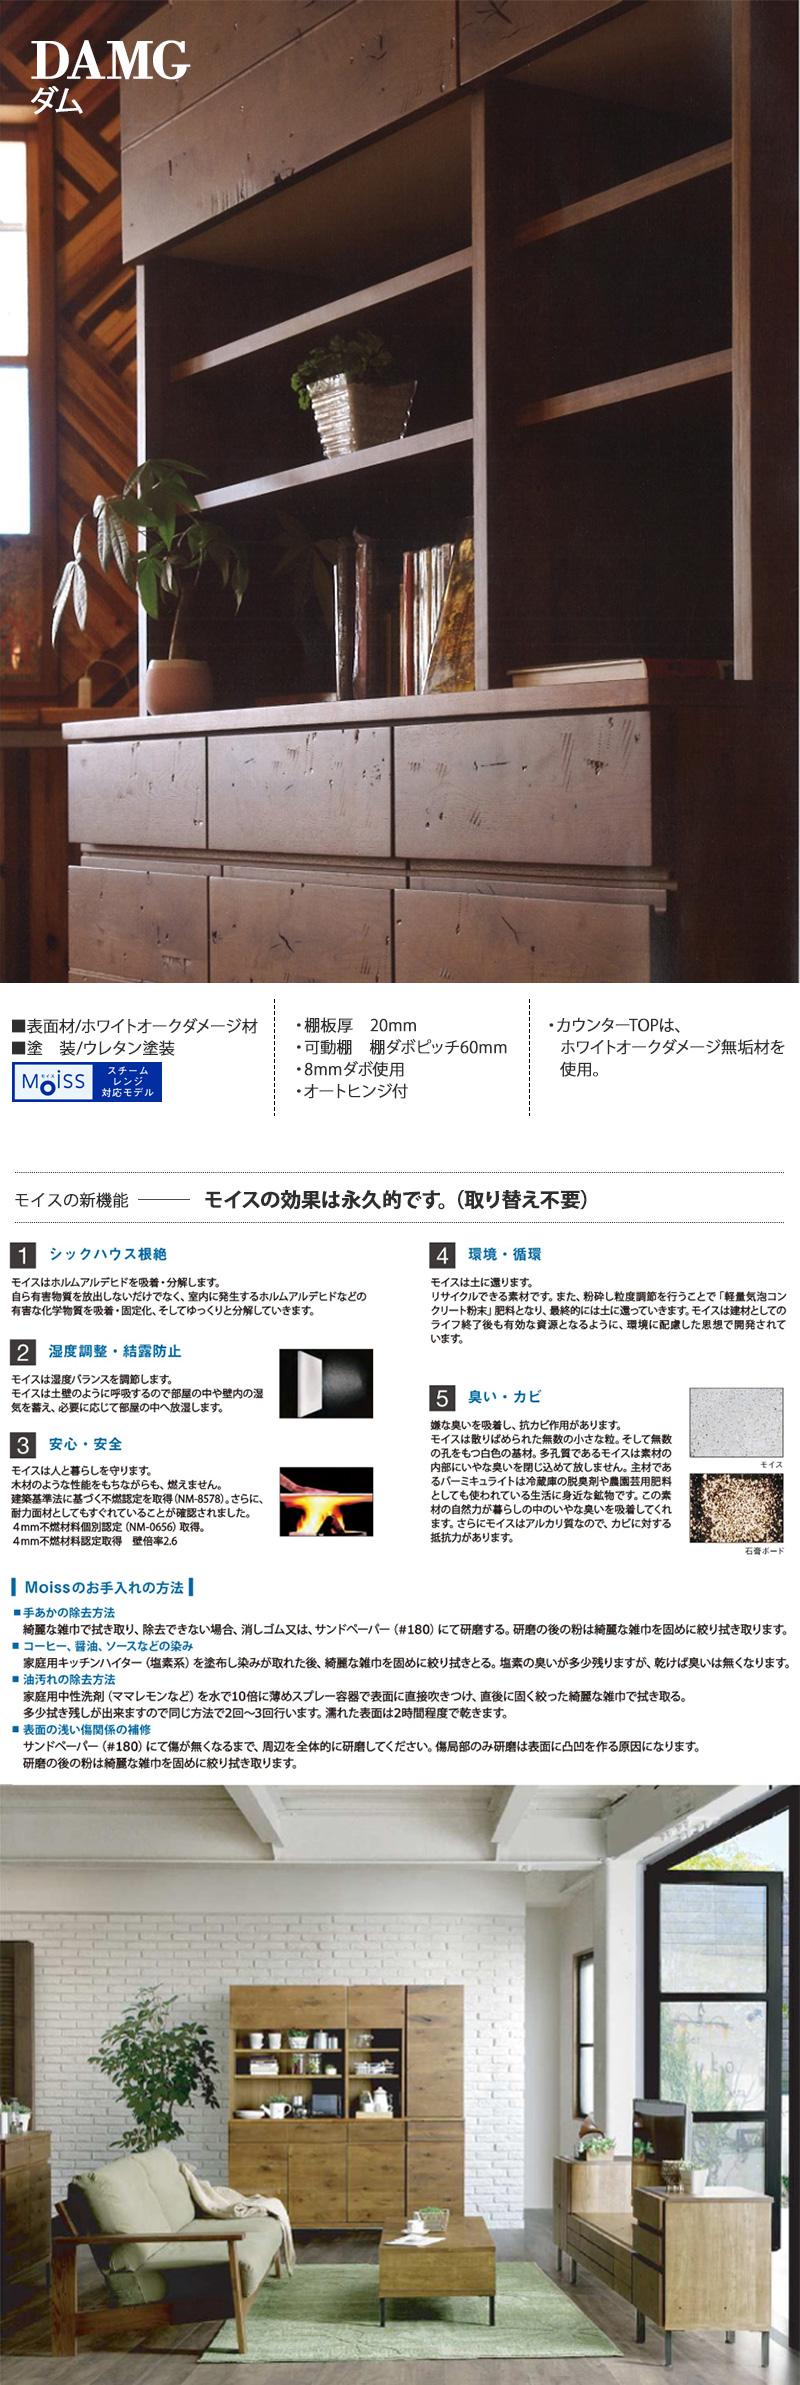 「木の温もりを住空間に。ホワイトオークダメージ材を使ったダムDAMGシリーズ」